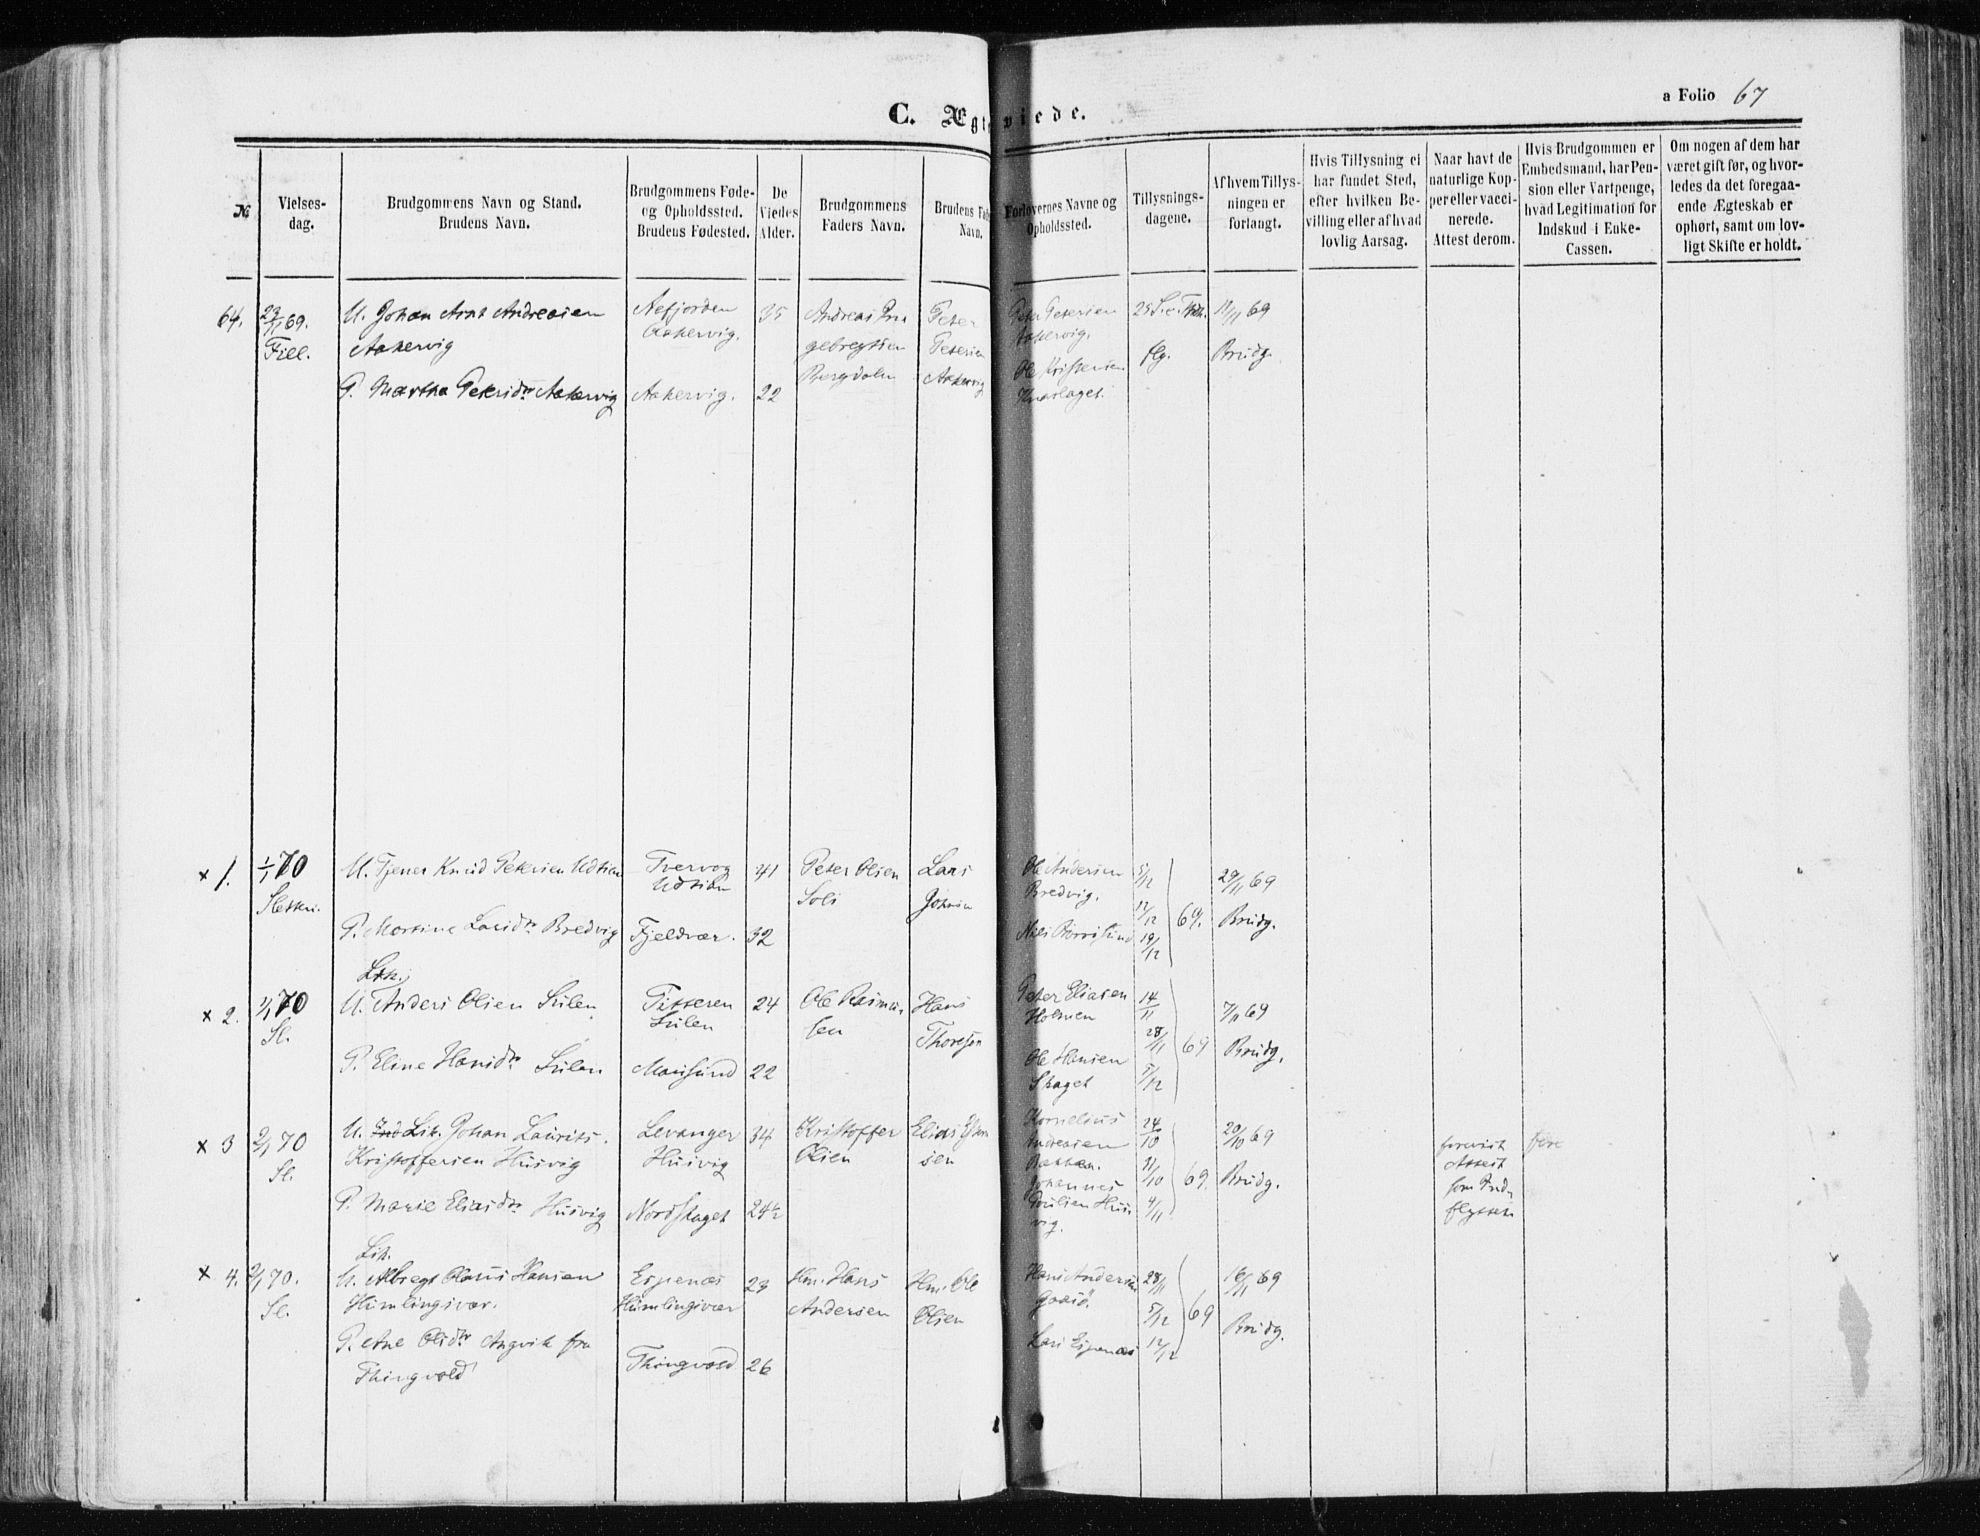 SAT, Ministerialprotokoller, klokkerbøker og fødselsregistre - Sør-Trøndelag, 634/L0531: Ministerialbok nr. 634A07, 1861-1870, s. 67